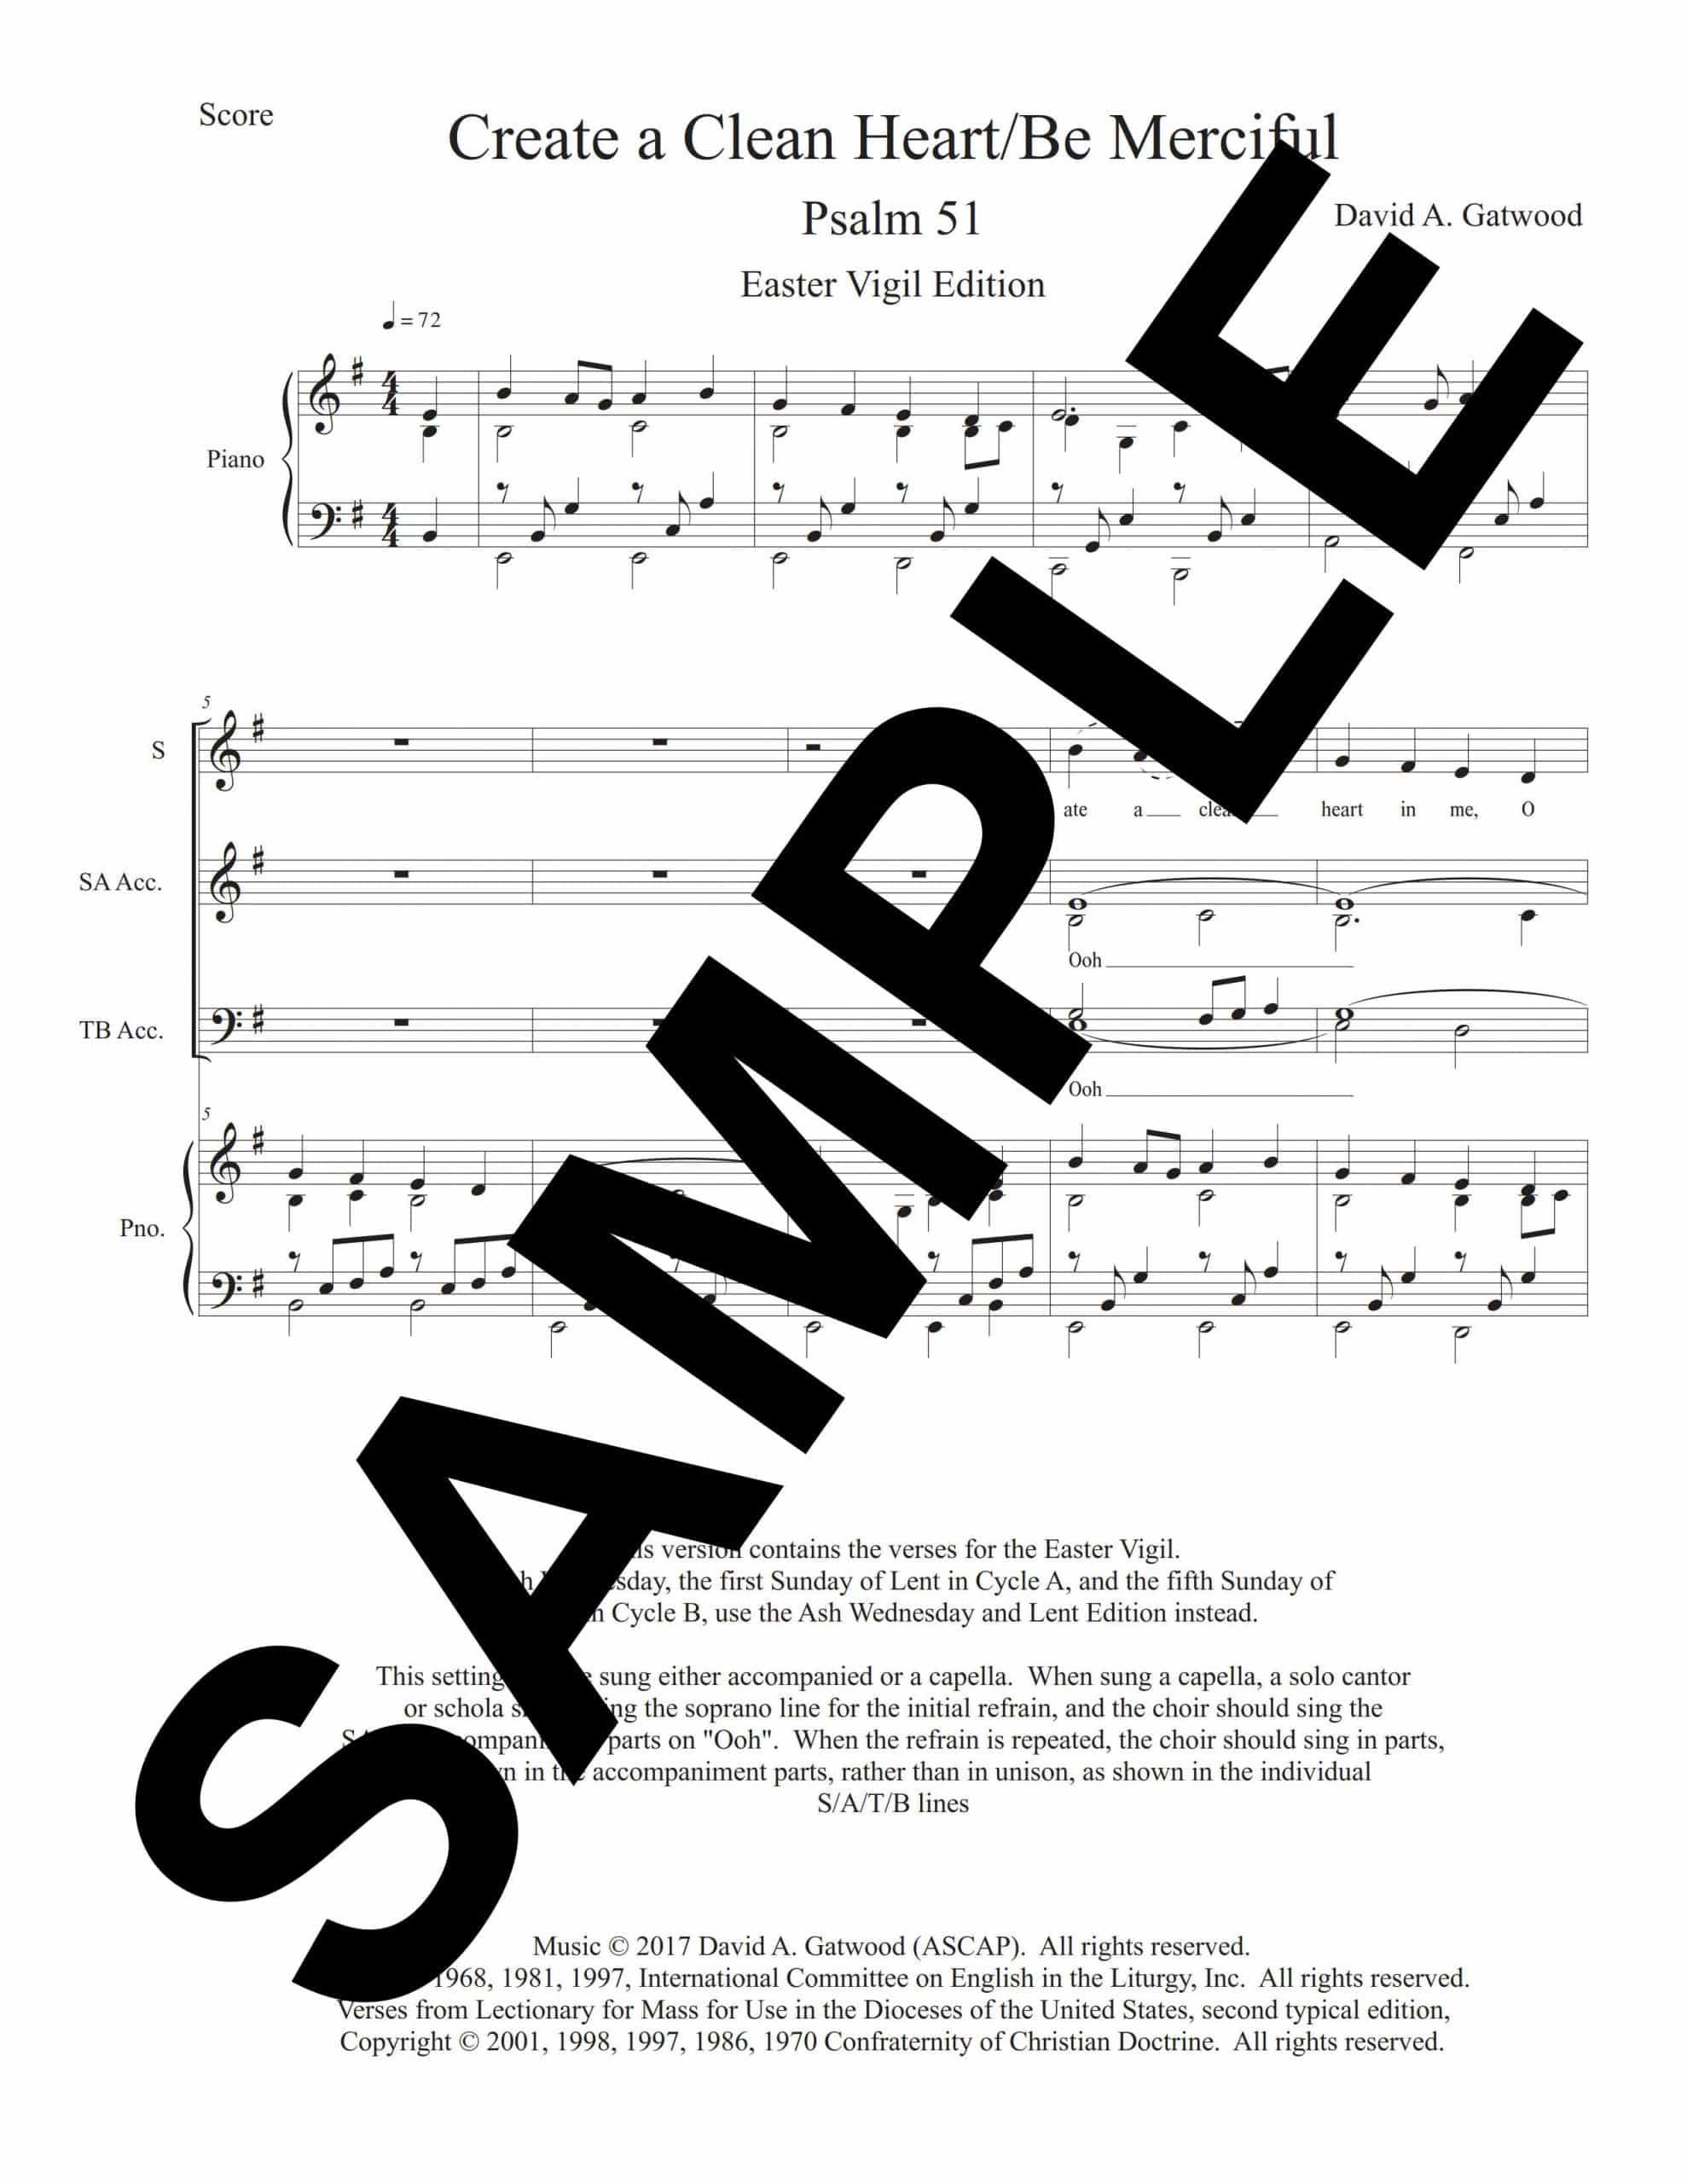 Psalm 51 EasterVigil GatwoodSample Score scaled